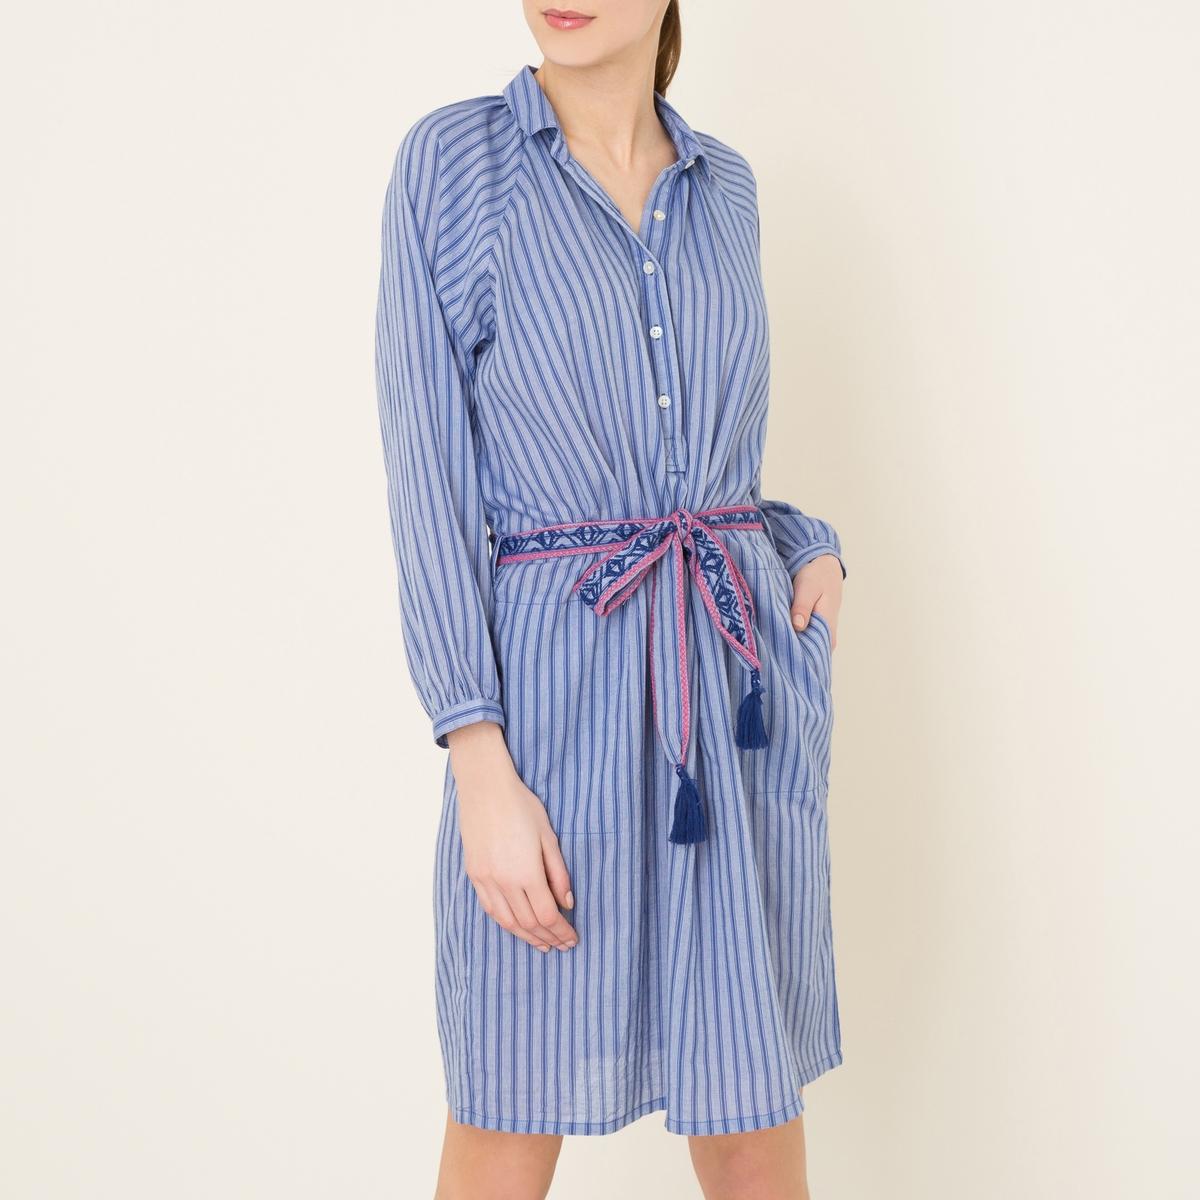 Платье RAMAYAПлатье LEON AND HARPER - модель RAMAYA 100% хлопок . Платье-миди. Рубашечный воротник с вырезом на пуговицах . Рукава ? с низом на резинке. Пояс с вышивкой и завязками с отделкой помпонами . Объемный покрой.Состав и описание   Материал : 100% хлопок   Марка : LEON AND HARPER<br><br>Цвет: синий